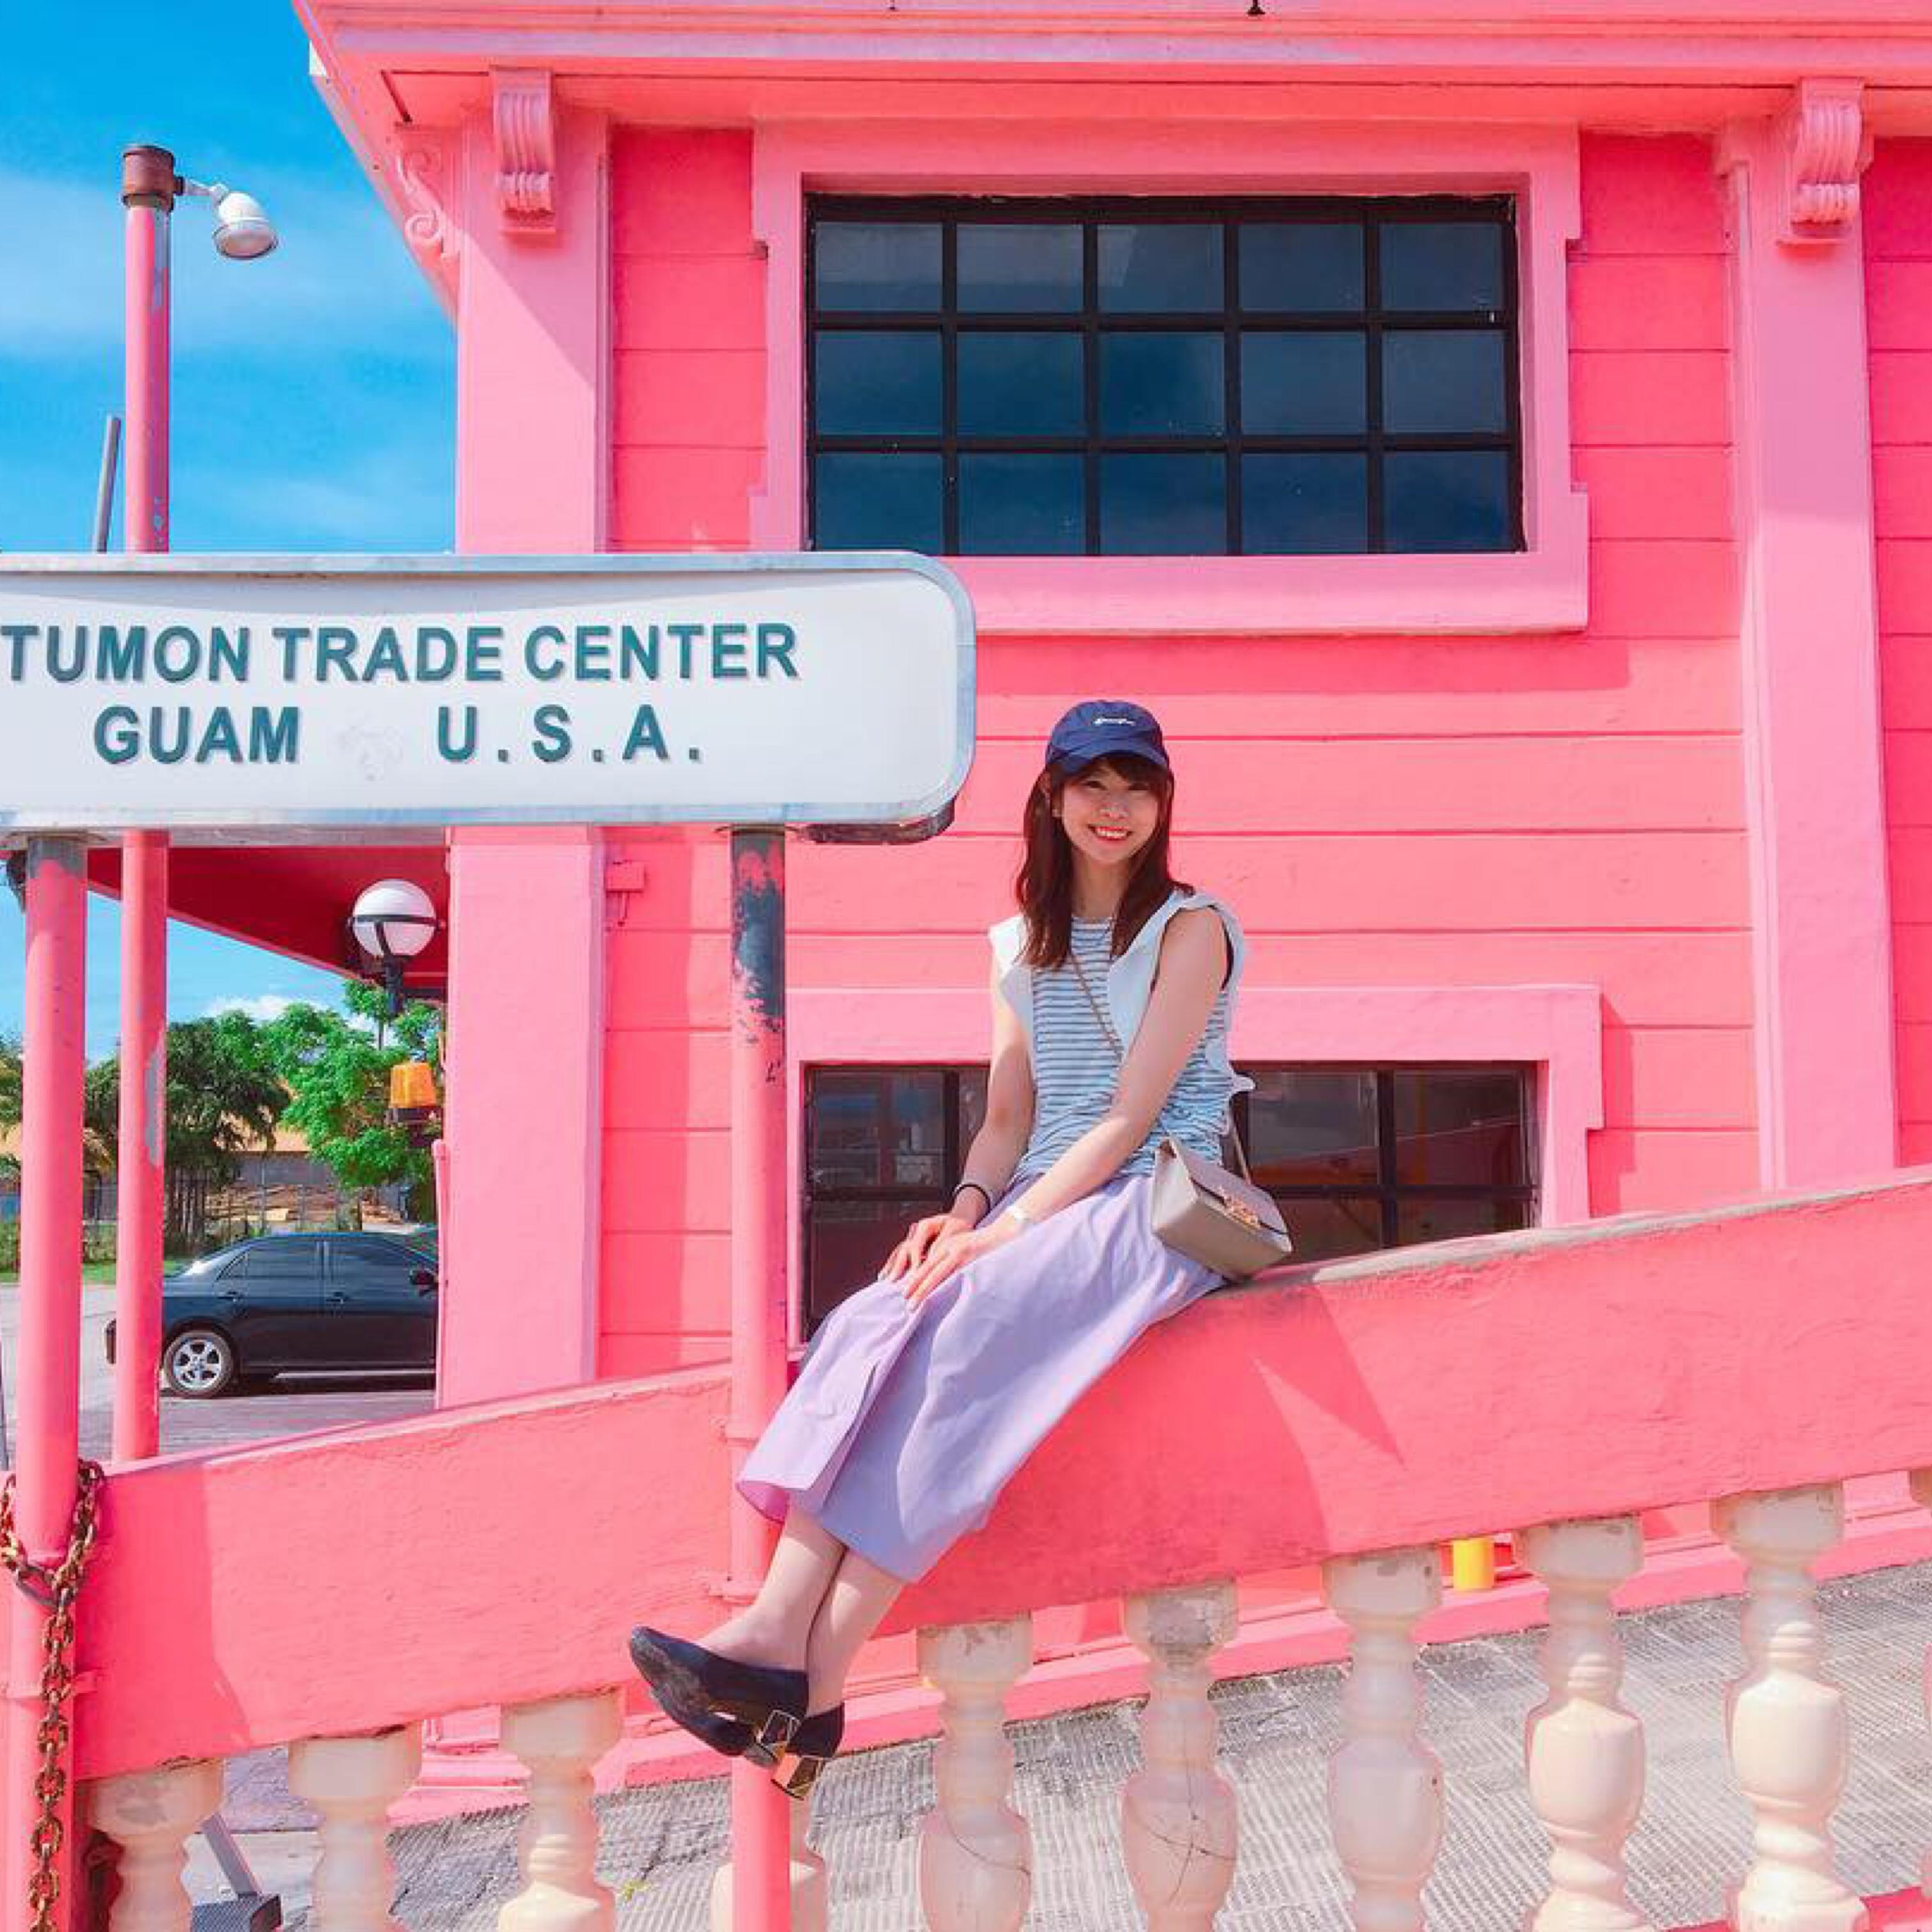 インスタで話題の「ピンクの壁」!グアムで写真映えするタモントレードセンターがオススメスポットです♡_1